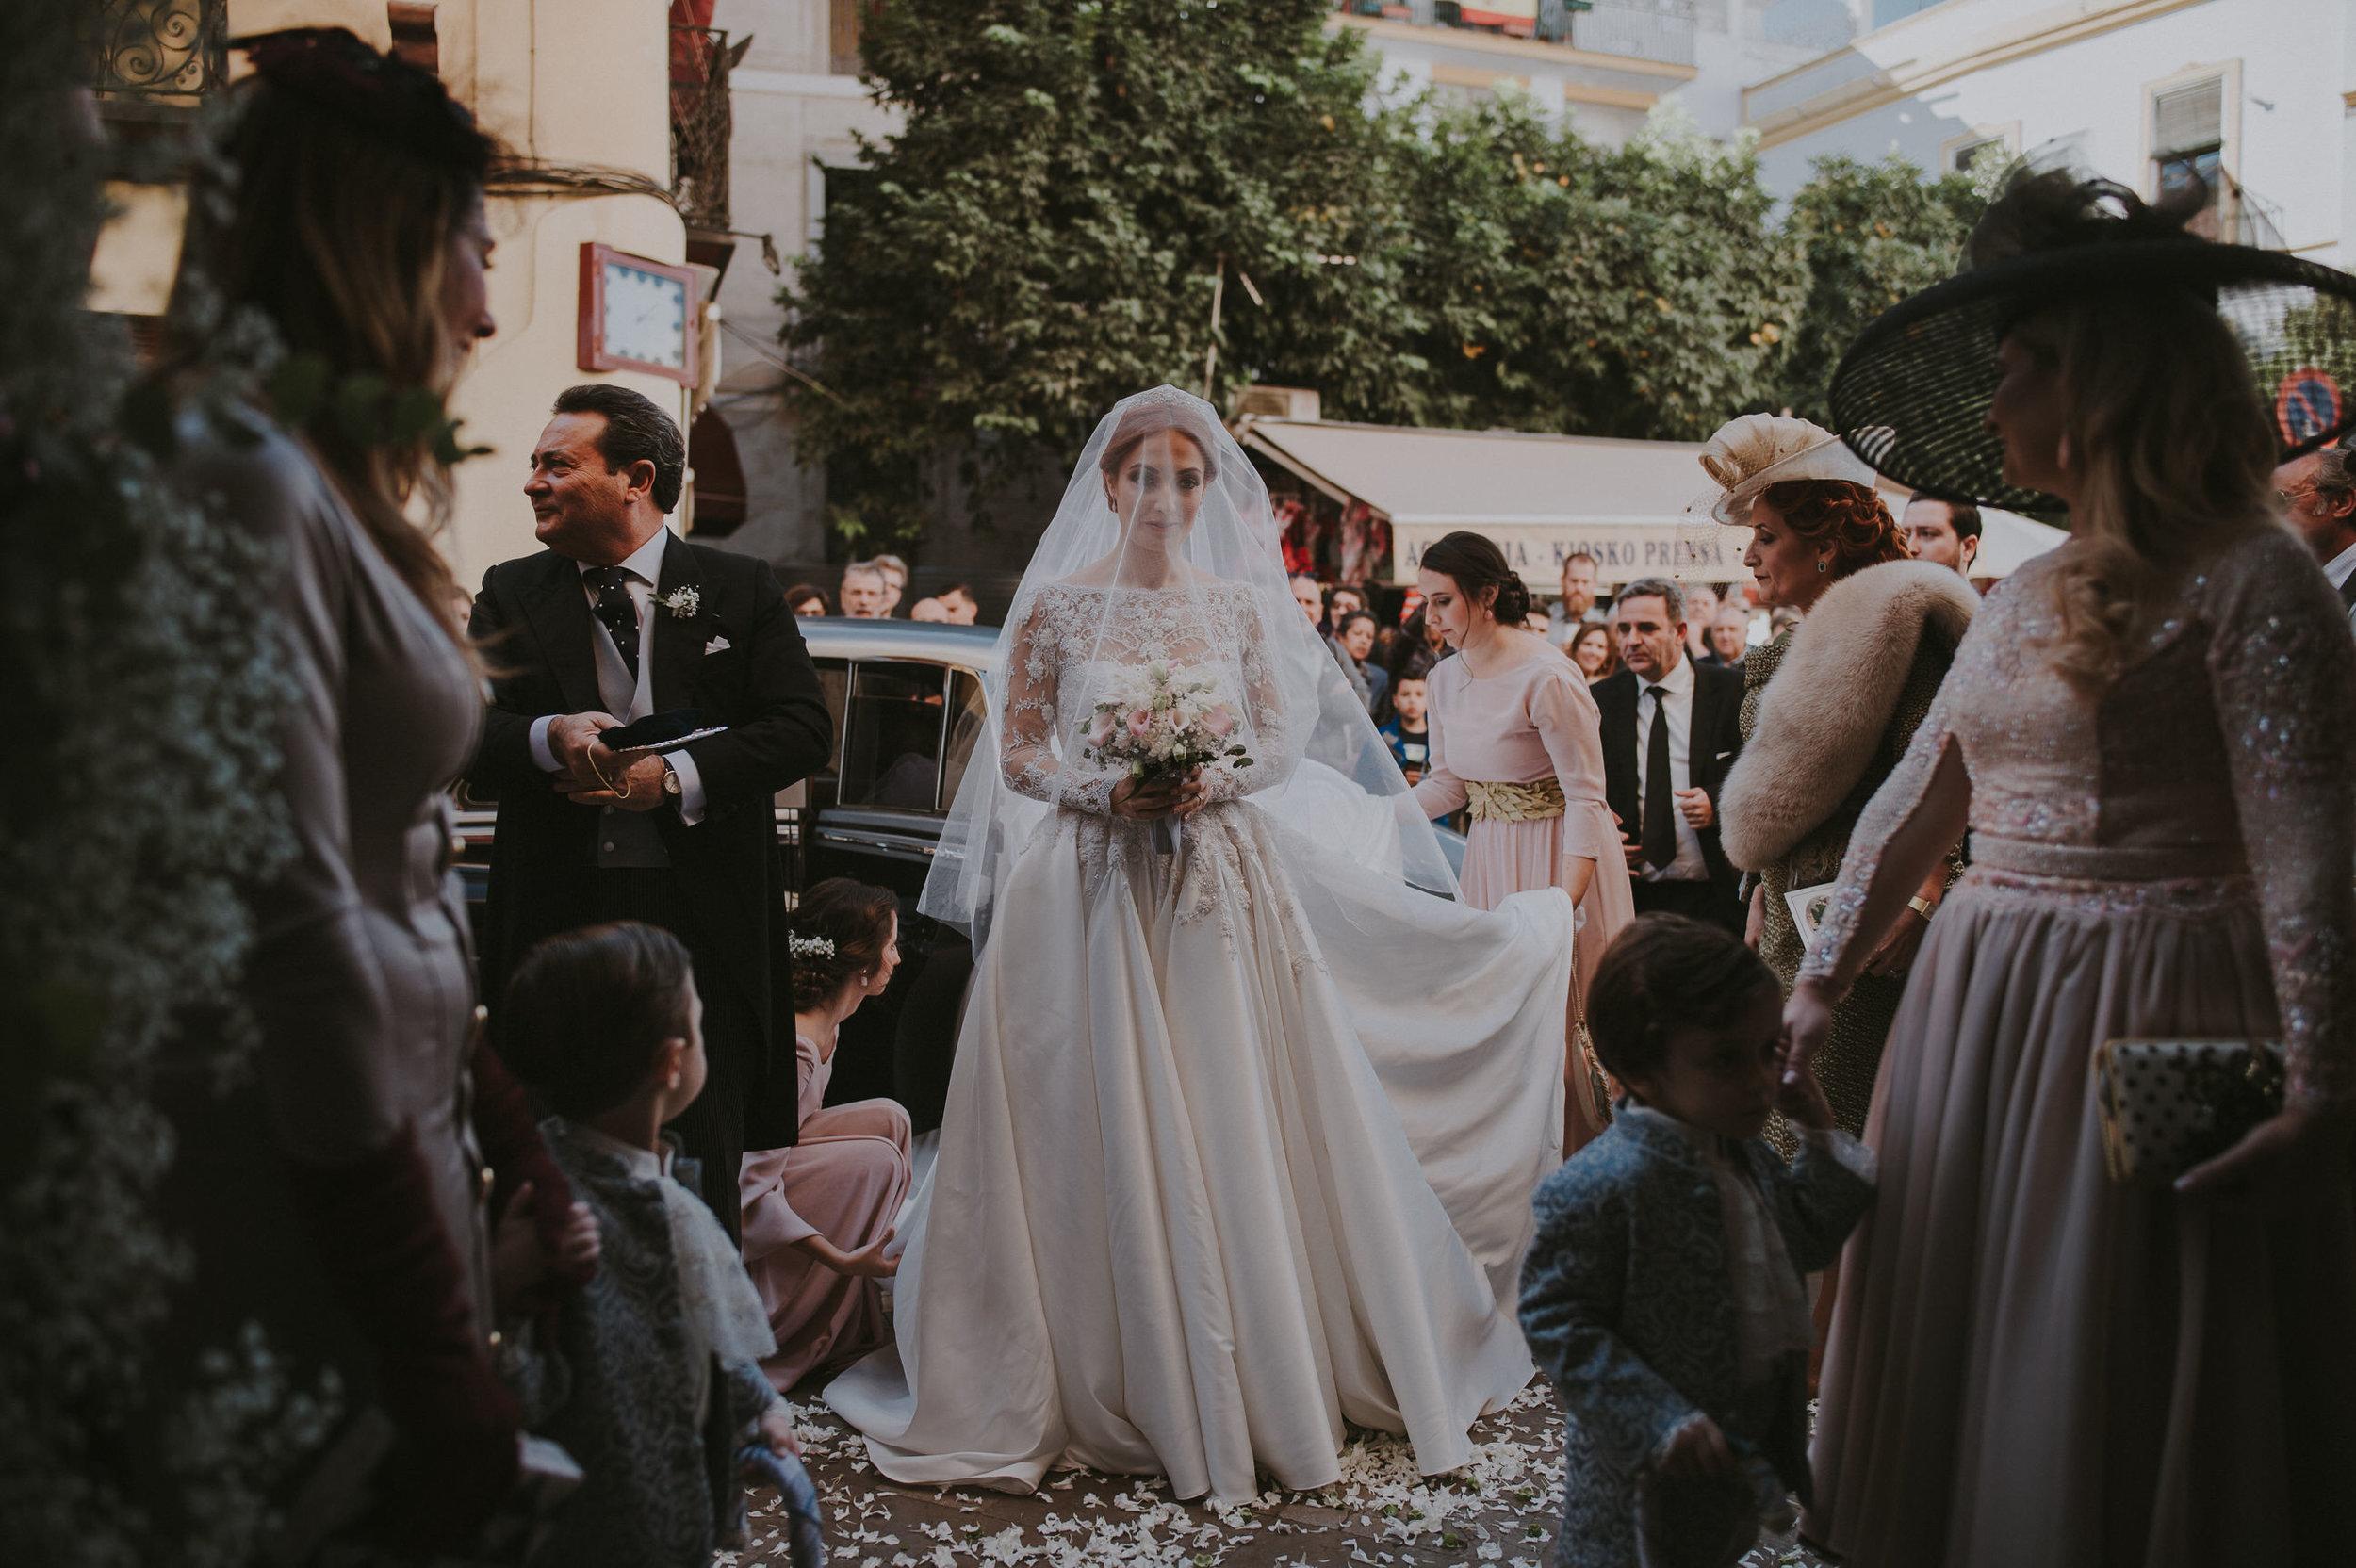 Andrés+Amarillo+fotografo+boda+Utrera+Dos+Hermanas+Santa+Maria+la+blanca+albaraca+Ivan+Campaña+los+tumbao (40).JPG